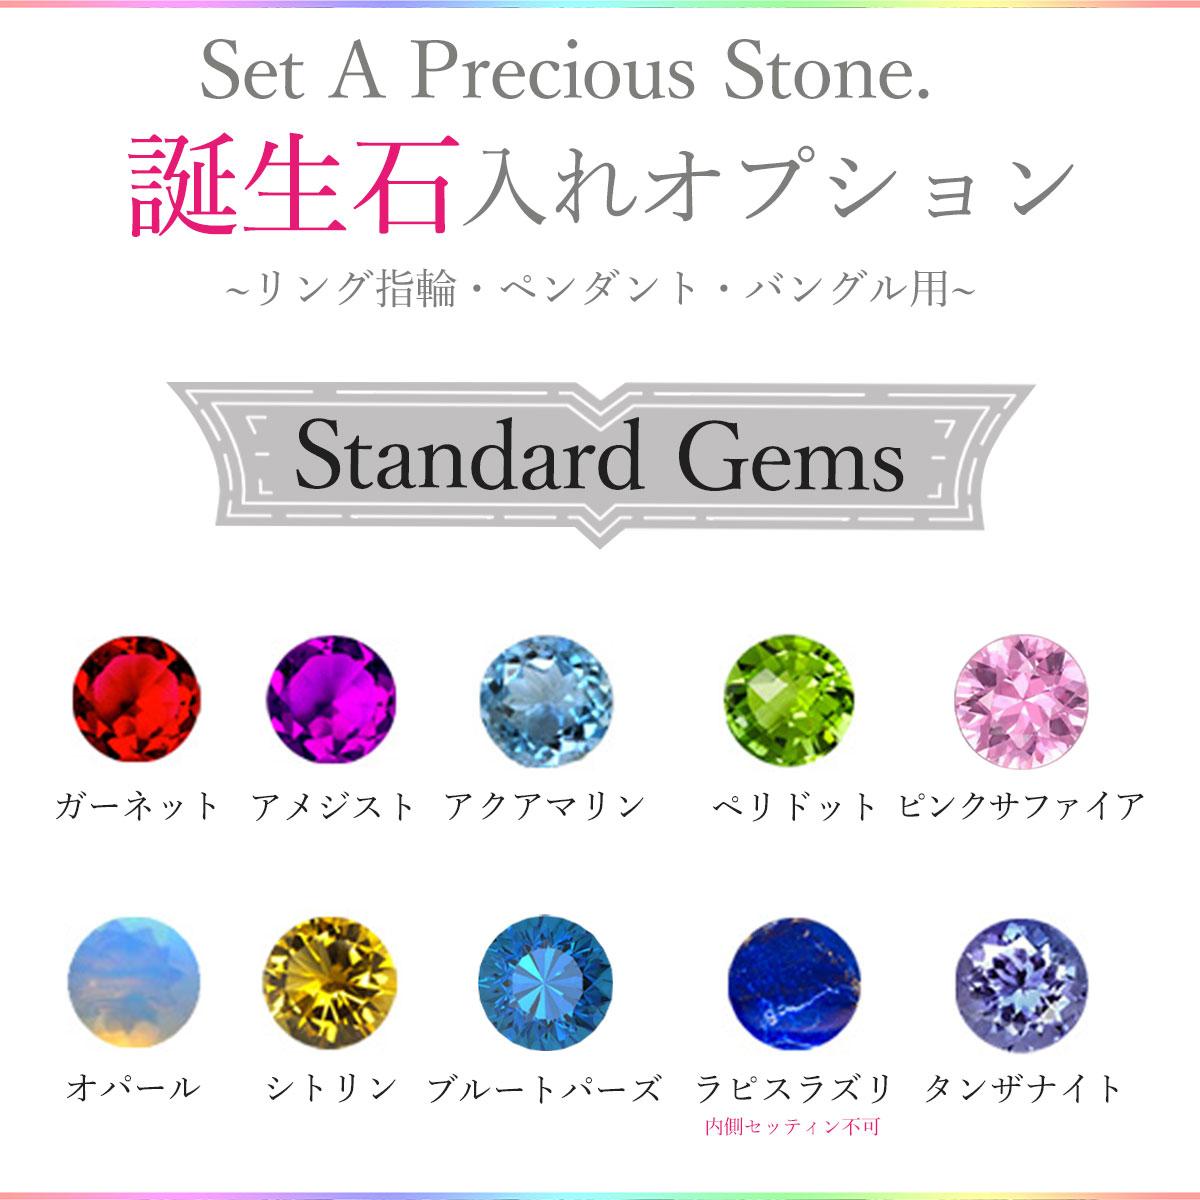 【同時購入特別価格】バングル ハワイアンジュエリー アクセサリー レディース リング・ペンダント・バングル用・ダイヤモンド誕生石セッティングオプション [スタンダード] amast3845